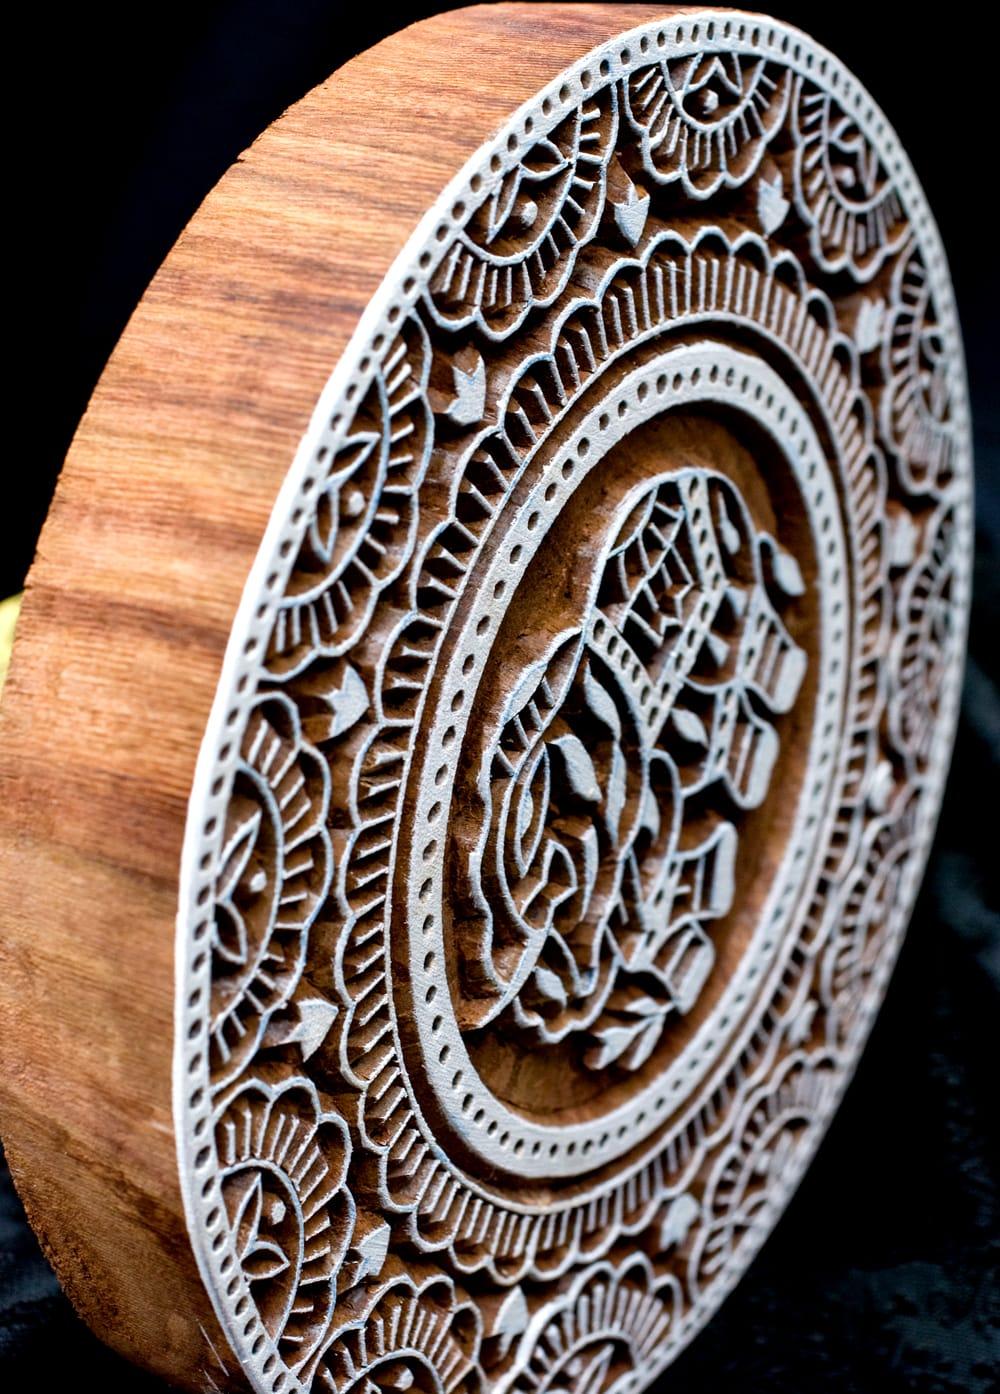 象とランゴリ模様のウッドブロックスタンプ-直径約17cm程度 3 - とても重厚に作られています